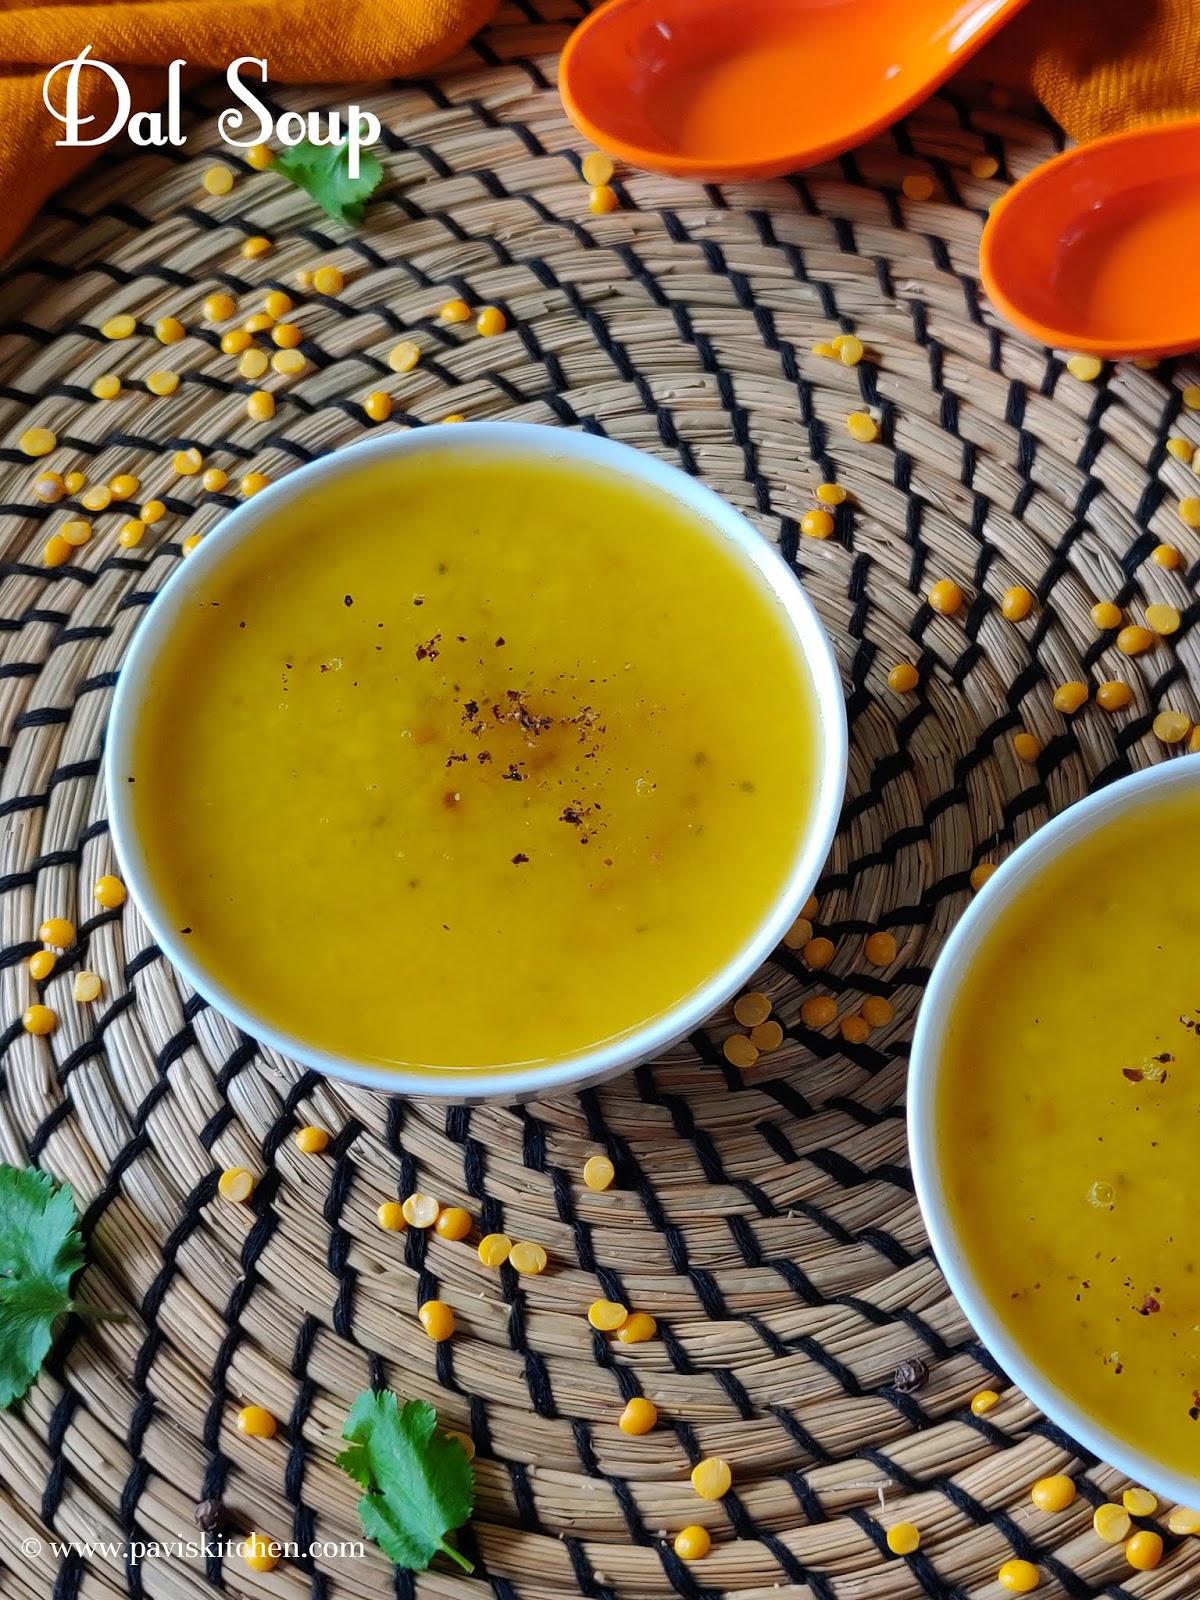 Indian Dal Soup Recipe   Vegan Yellow Lentil Soup